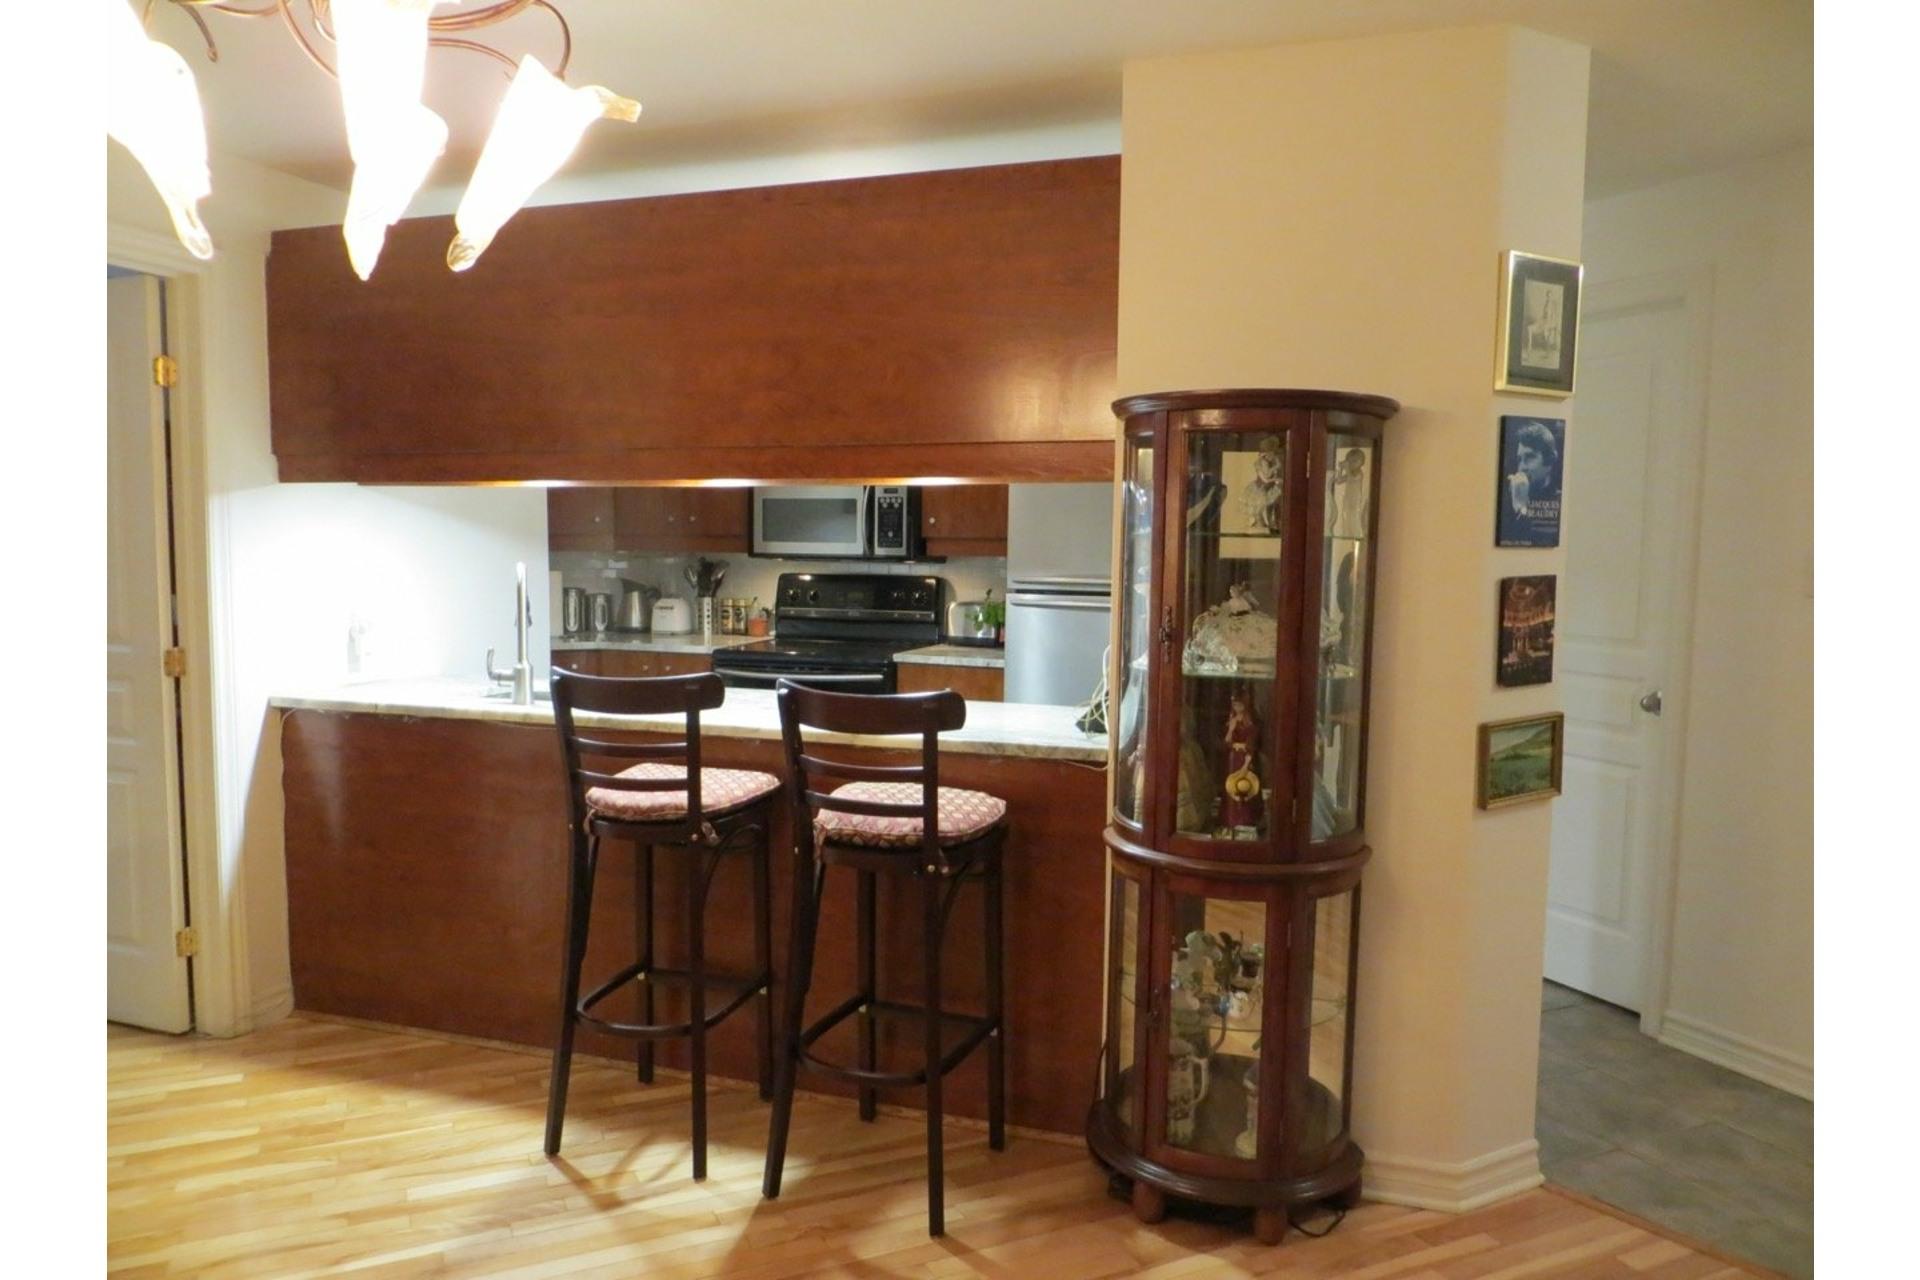 image 29 - Appartement À vendre Côte-des-Neiges/Notre-Dame-de-Grâce Montréal  - 6 pièces